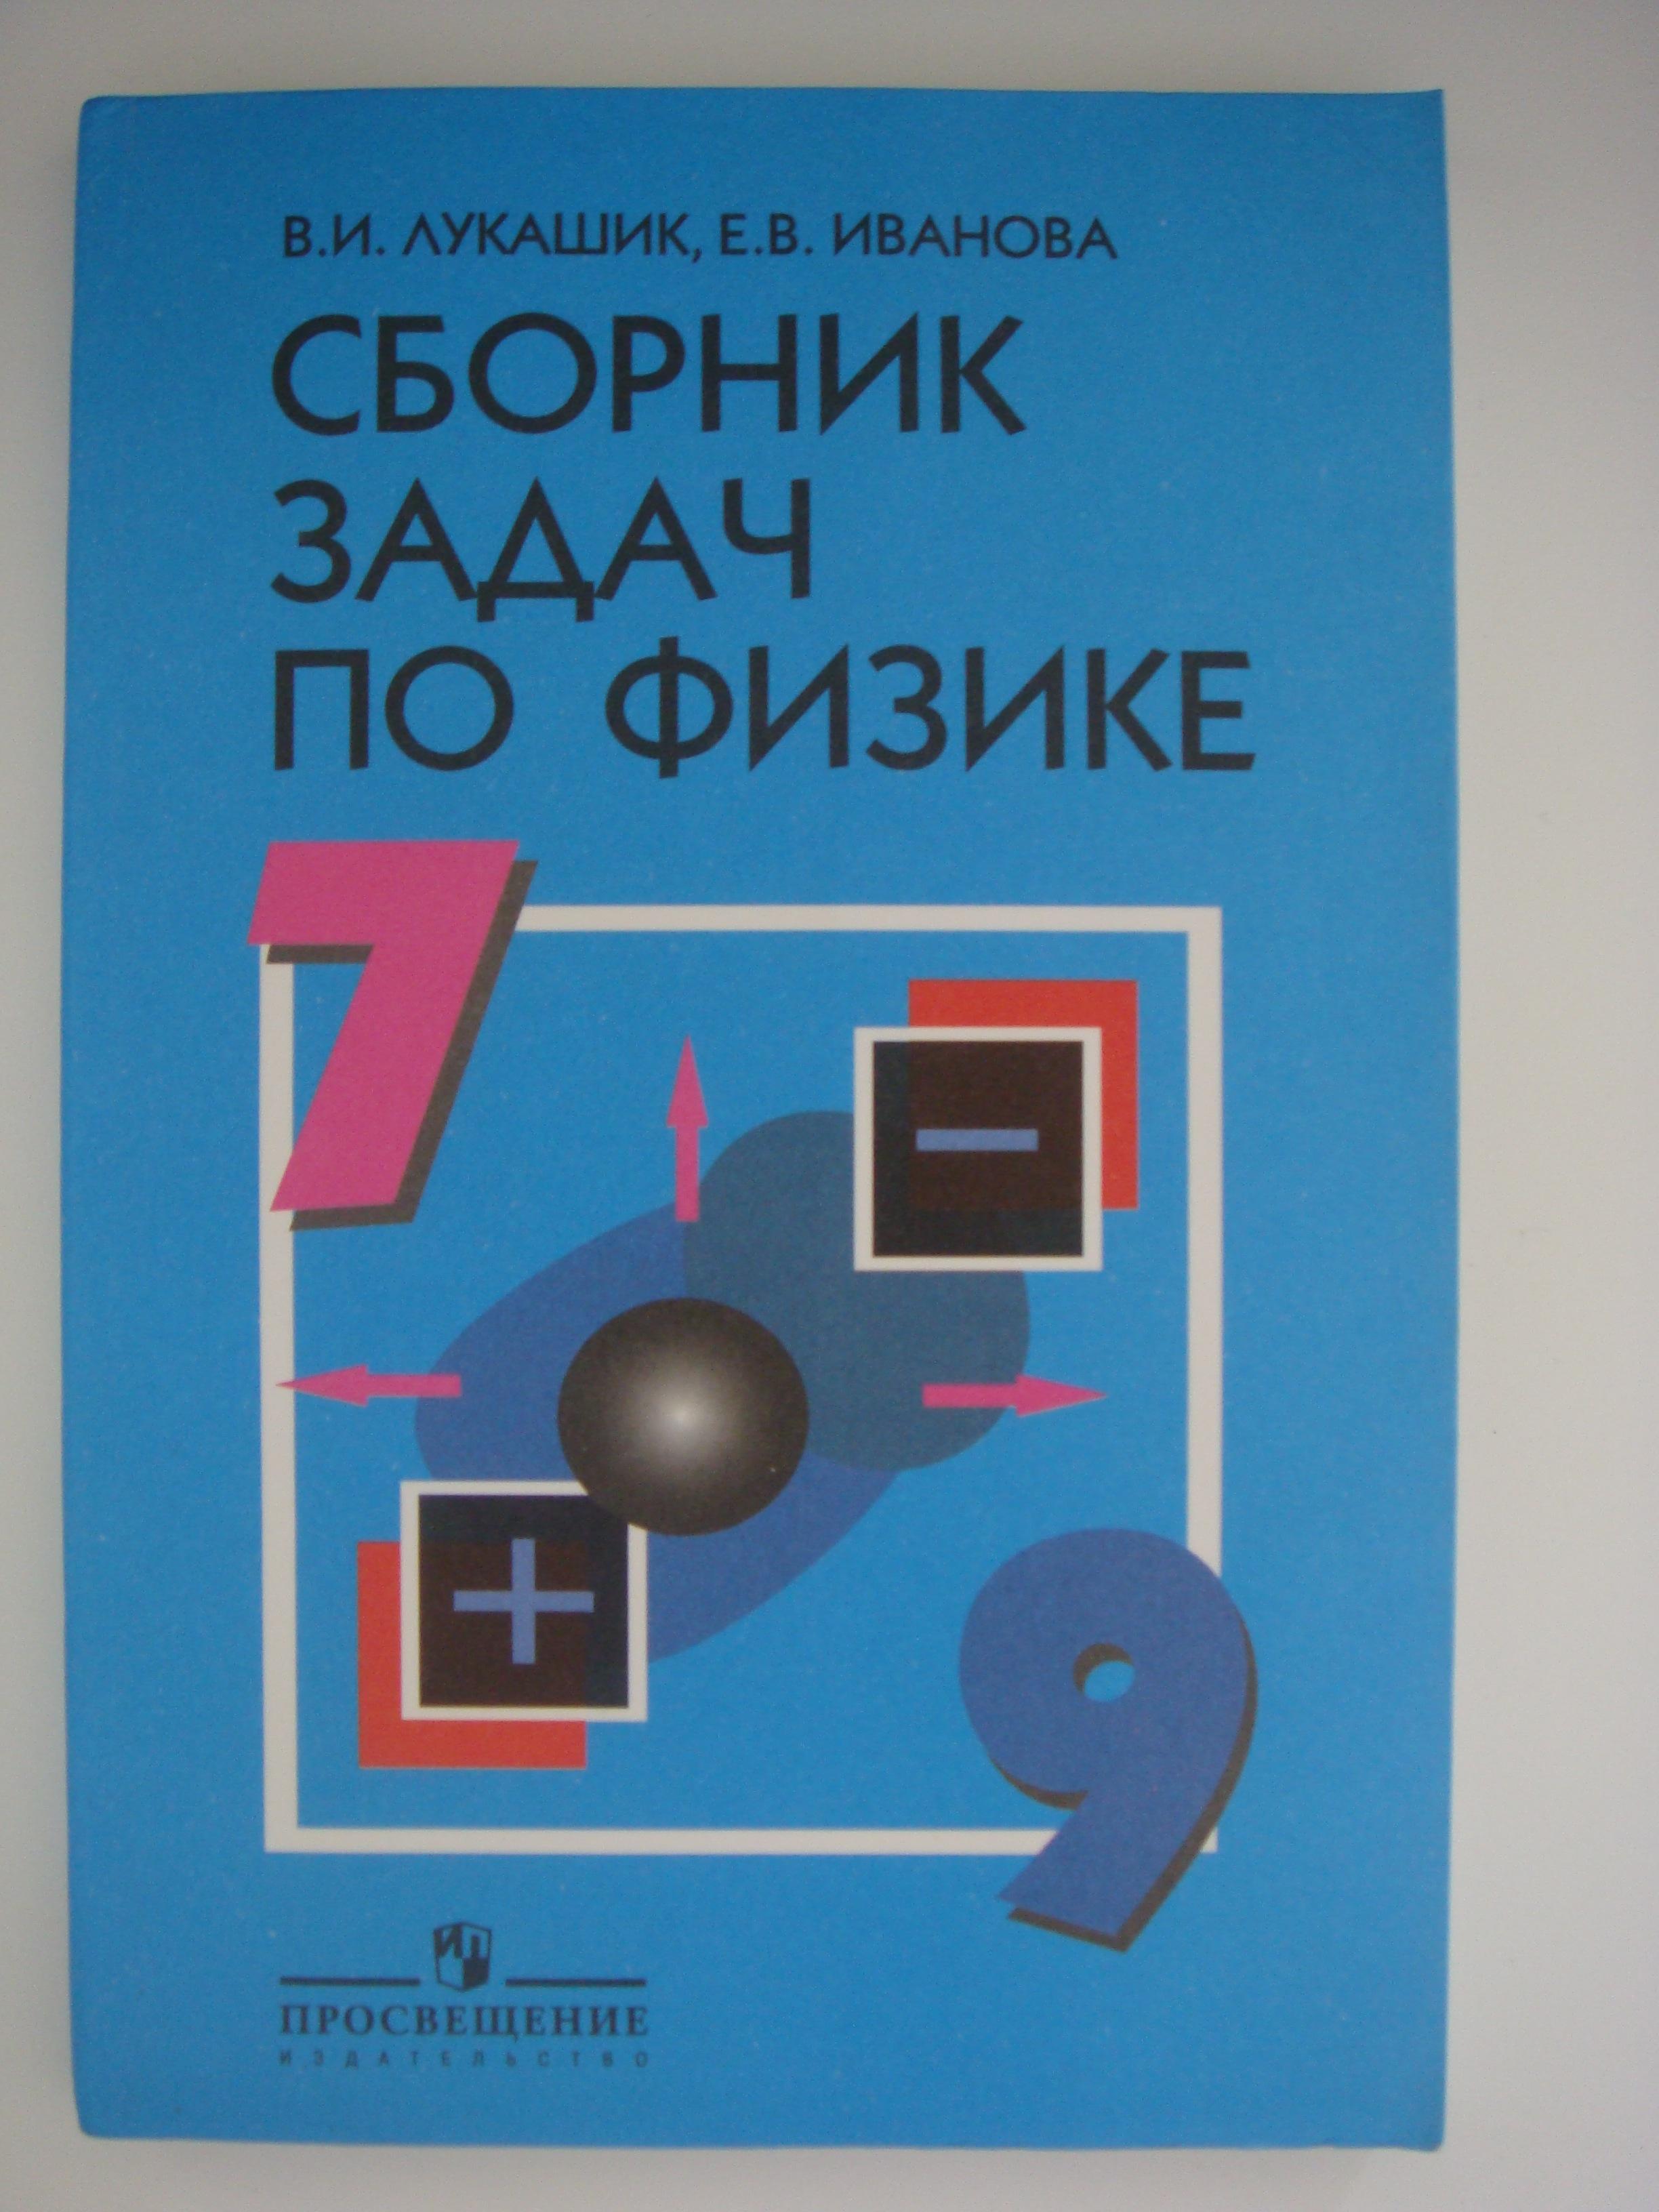 Сборник задач по физике 7-9 класс лукашик в.и скачать без регистрации